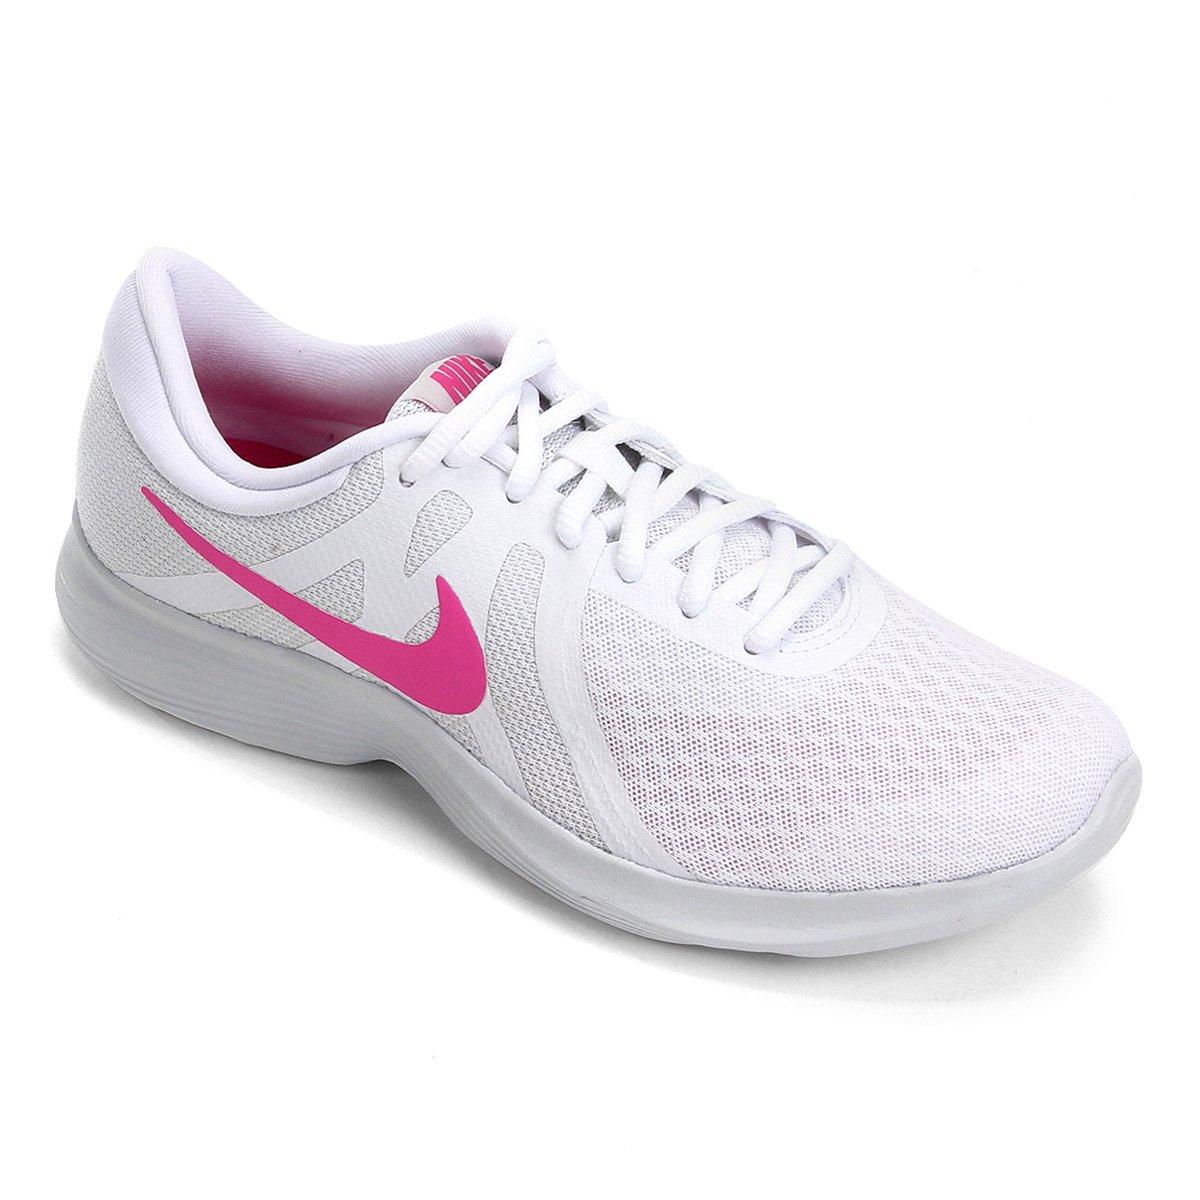 abe468ac3 Tênis Nike Wmns Revolution 4 Feminino - Branco e Rosa - Compre Agora ...